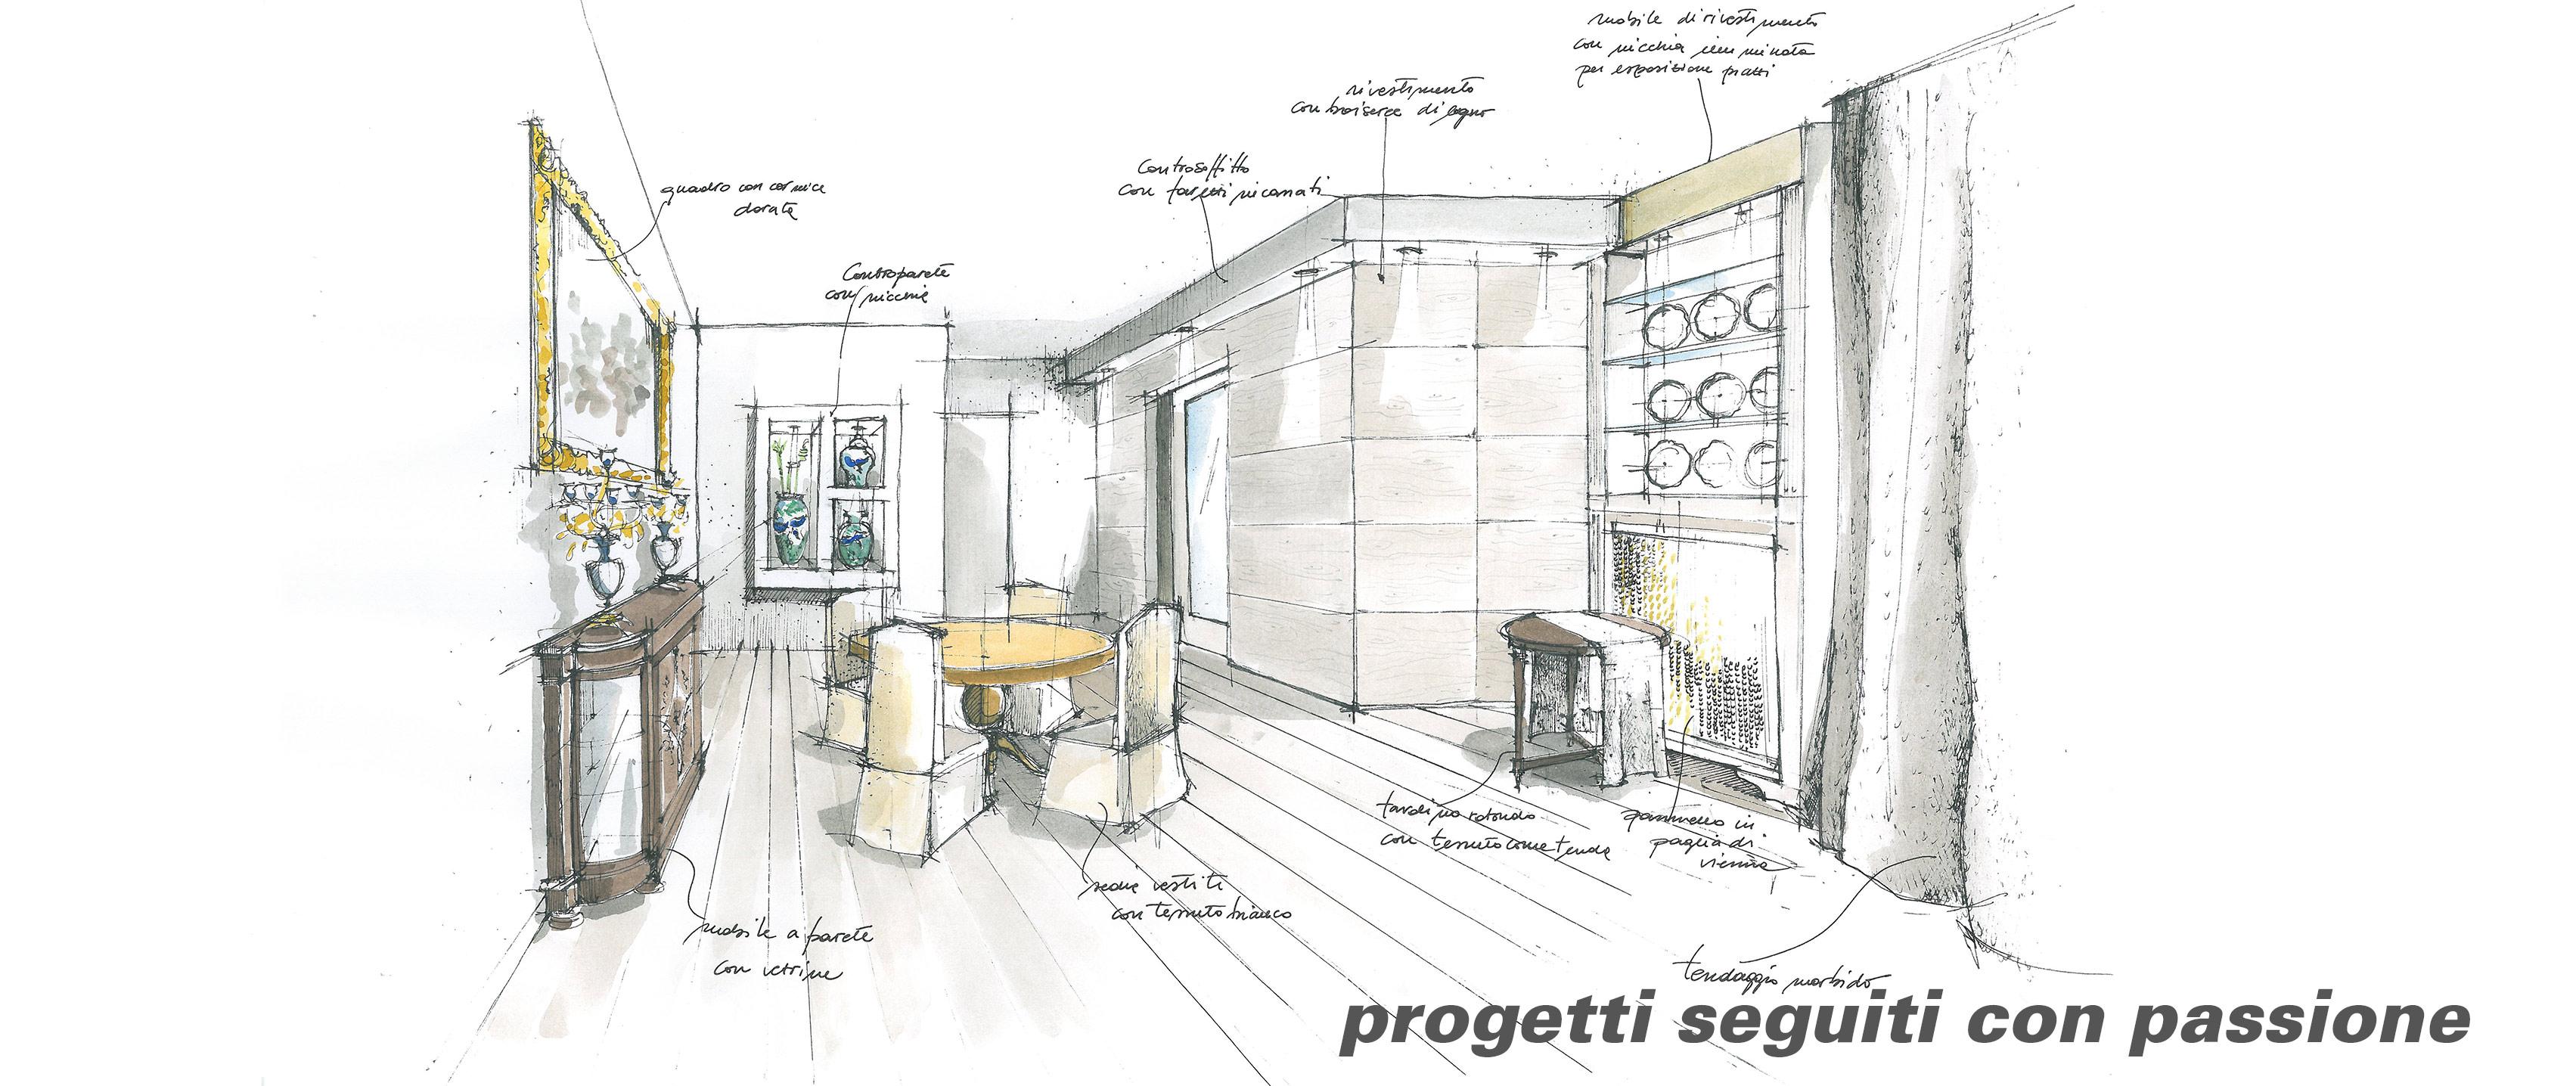 Progettare01ITA_pavanetto_titolo